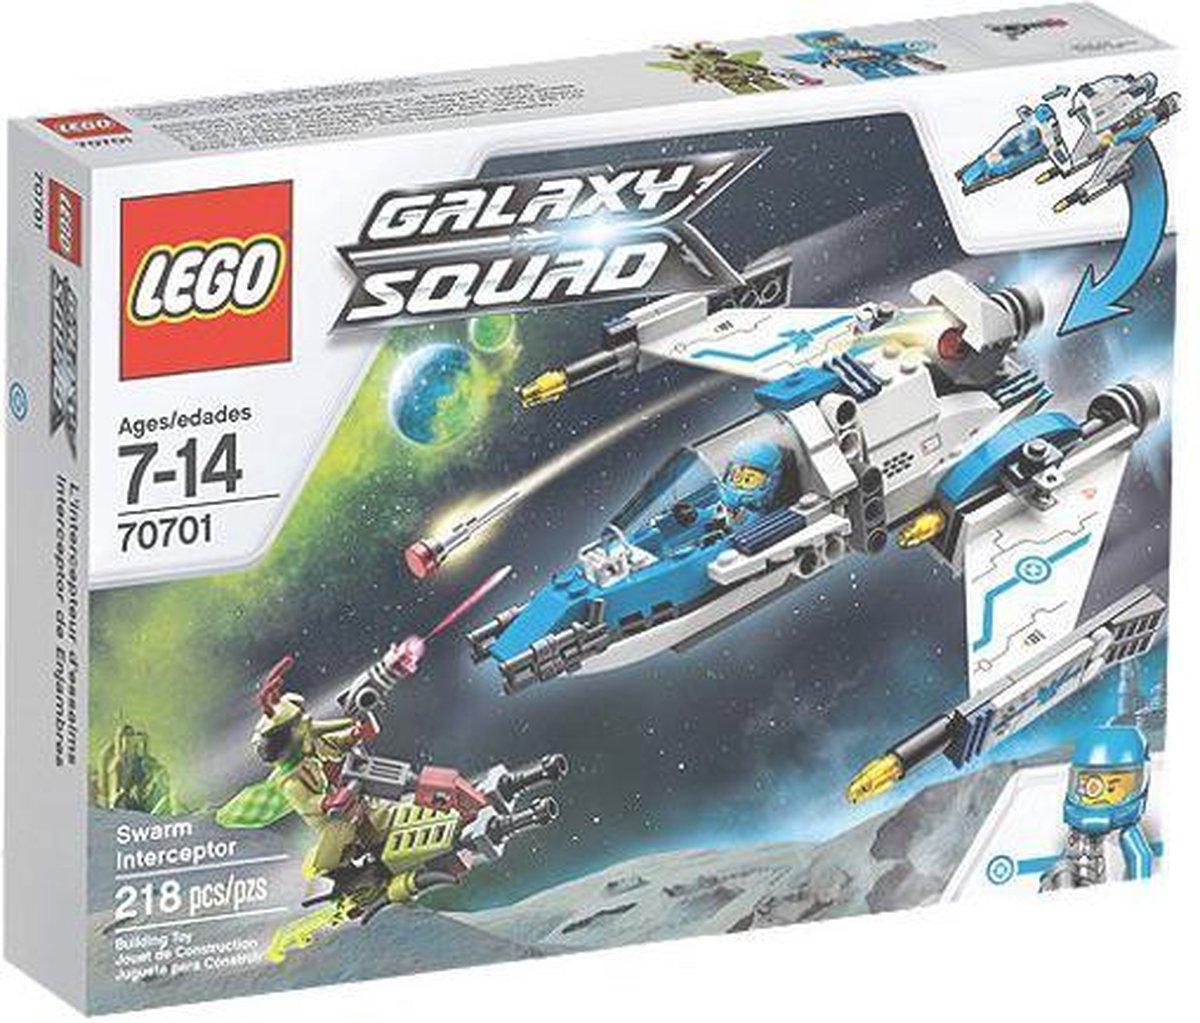 LEGO Galaxy Squad Swarm Interceptor - 70701